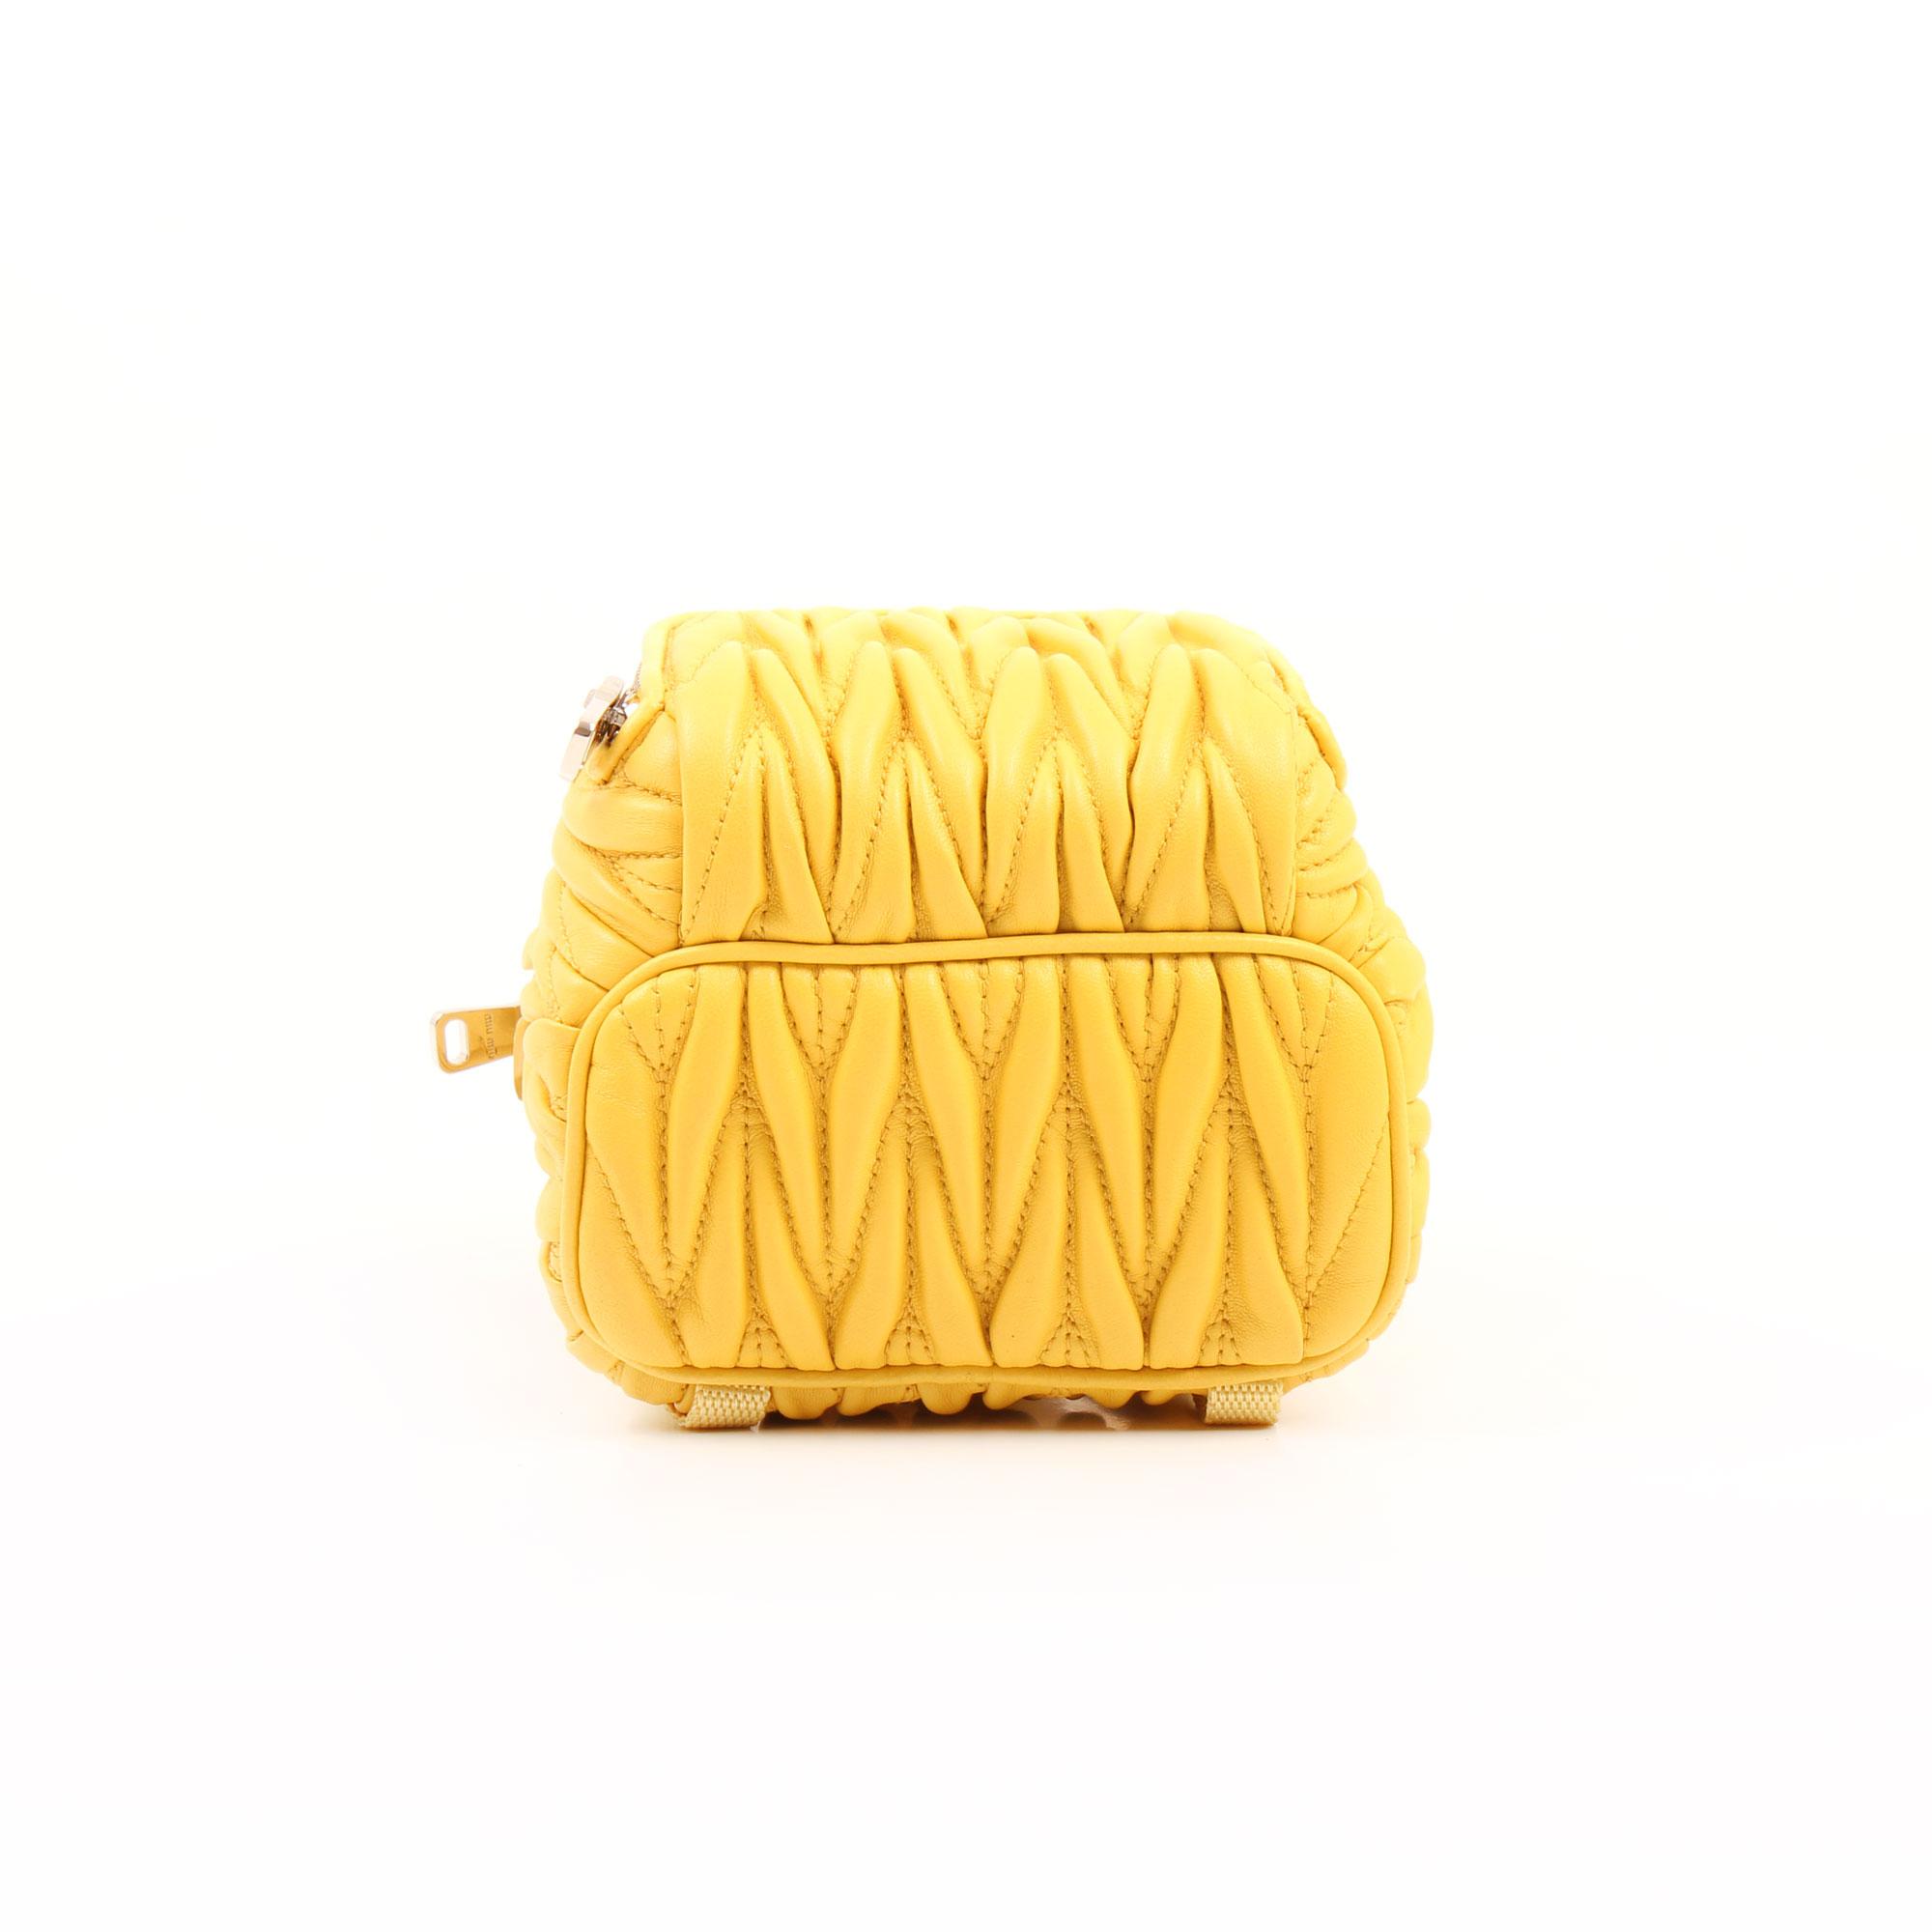 Miu Miu Mini Backpack Matelassé Crossbody Bag Yellow I CBL Bags b988b1d084